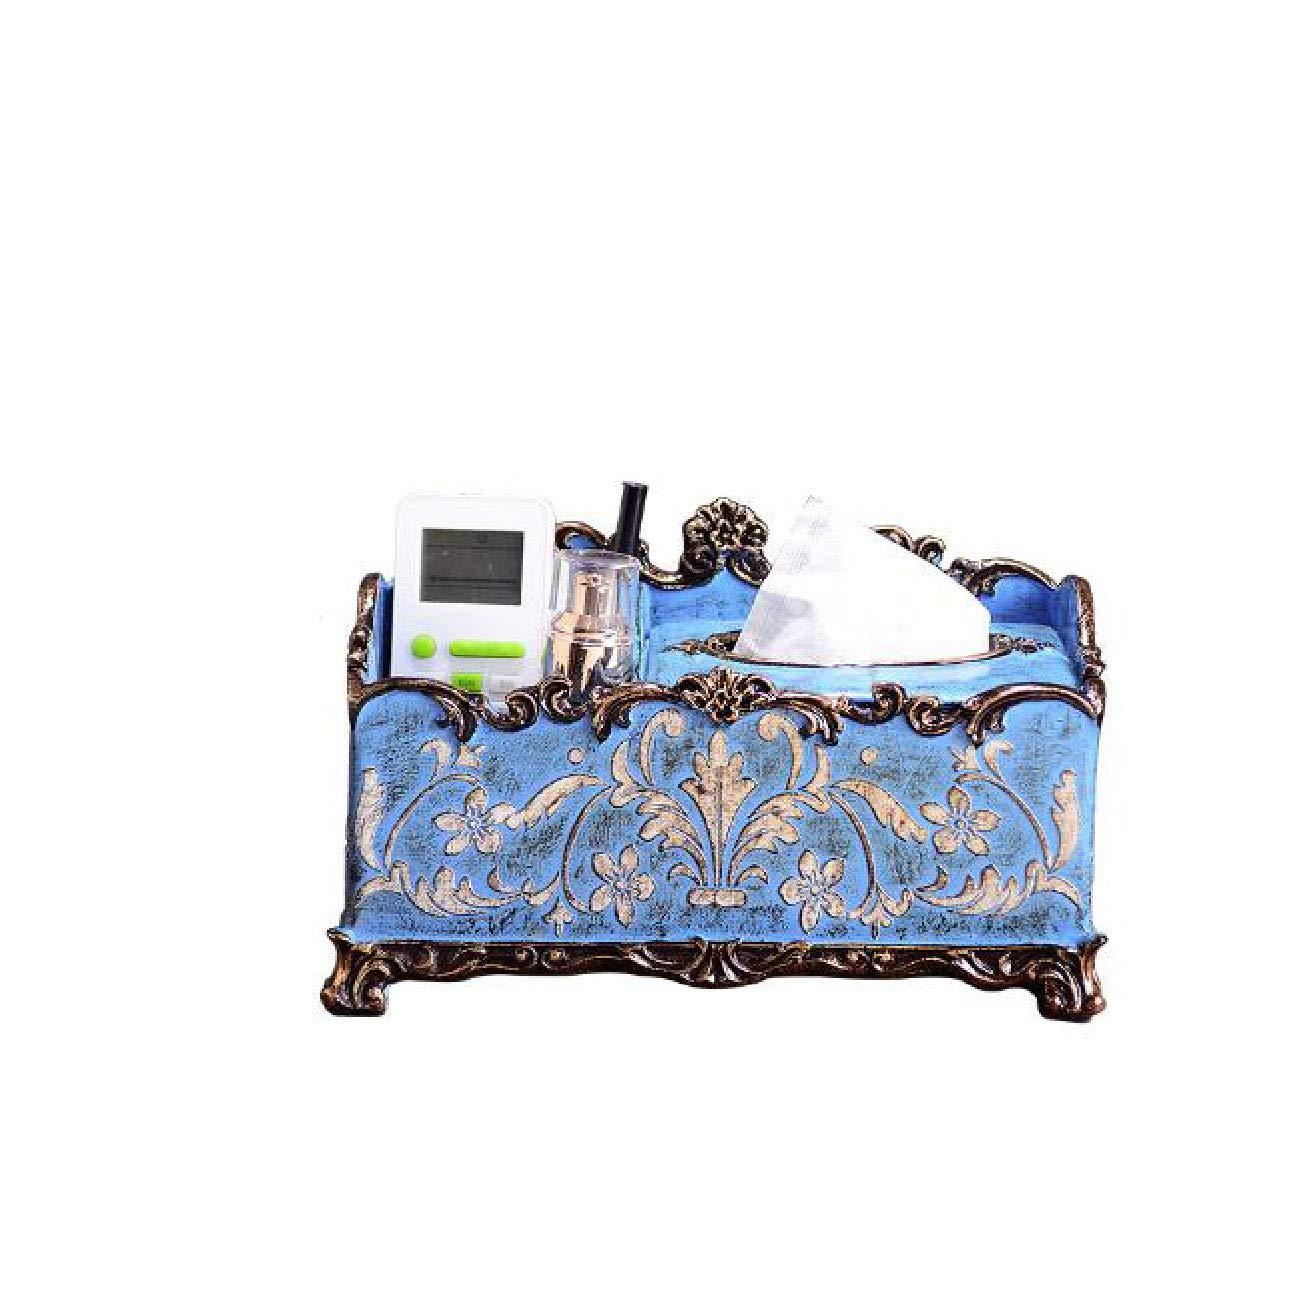 American Retro Embossed Multi-Purpose Tissue Box Creative Fashion high-end Home Coffee Table Storage Box Decorative Ornaments